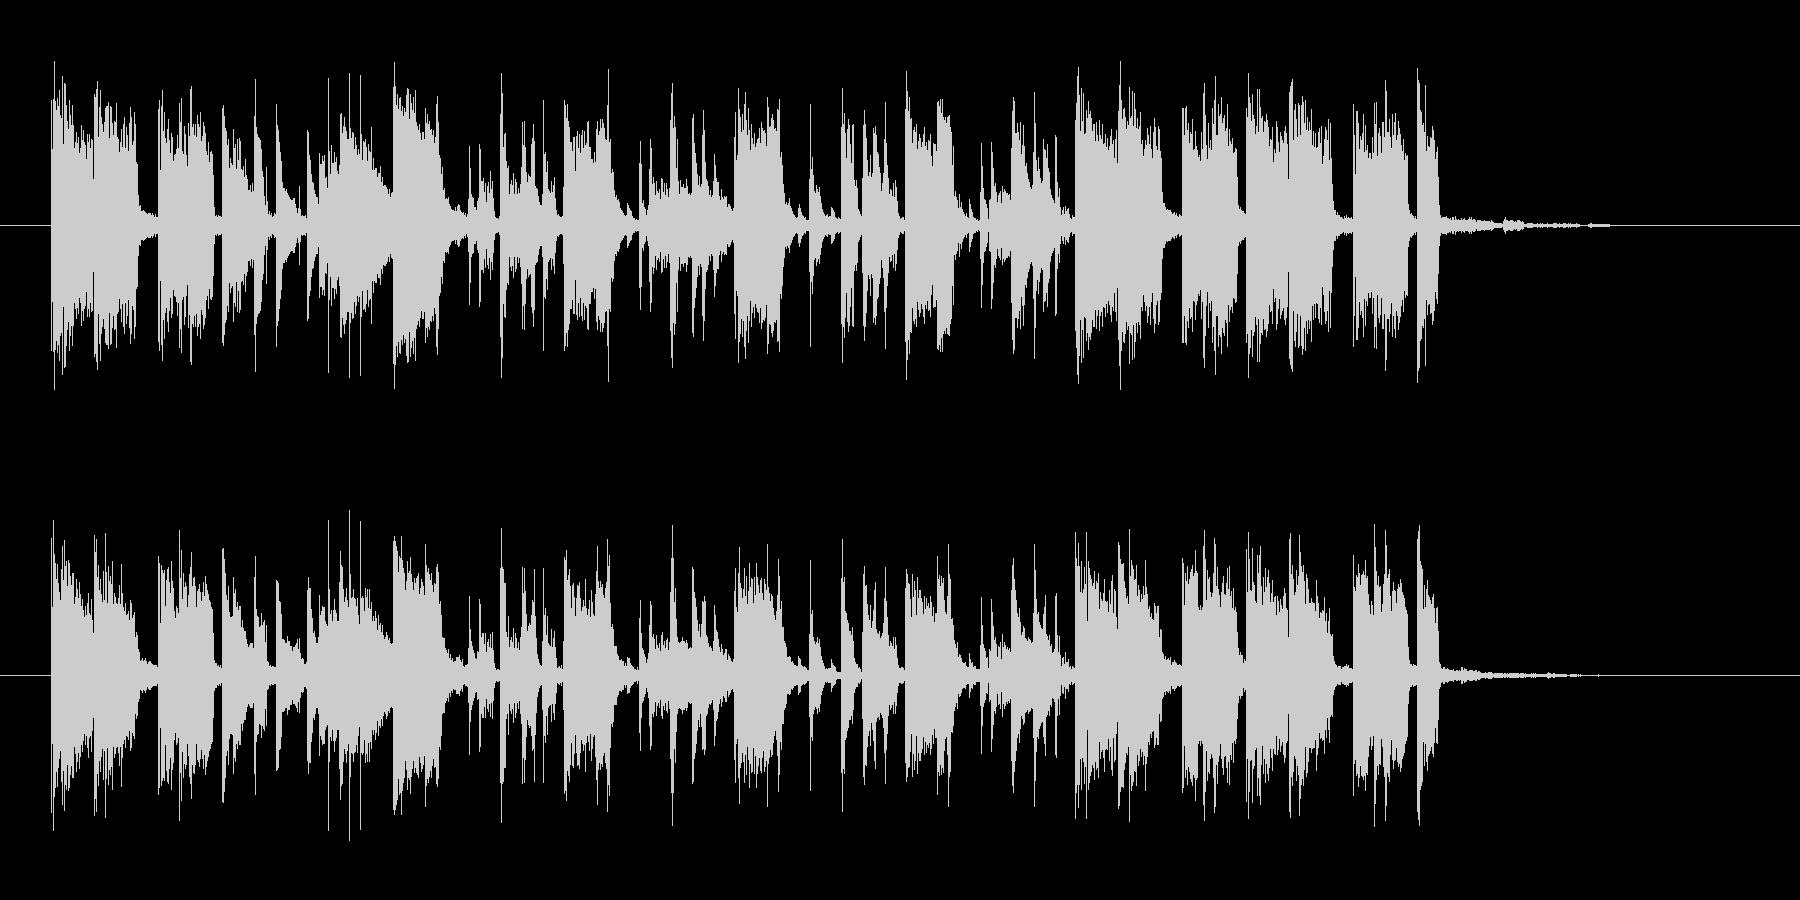 明るく勢いのあるドラムギターサウンドの未再生の波形